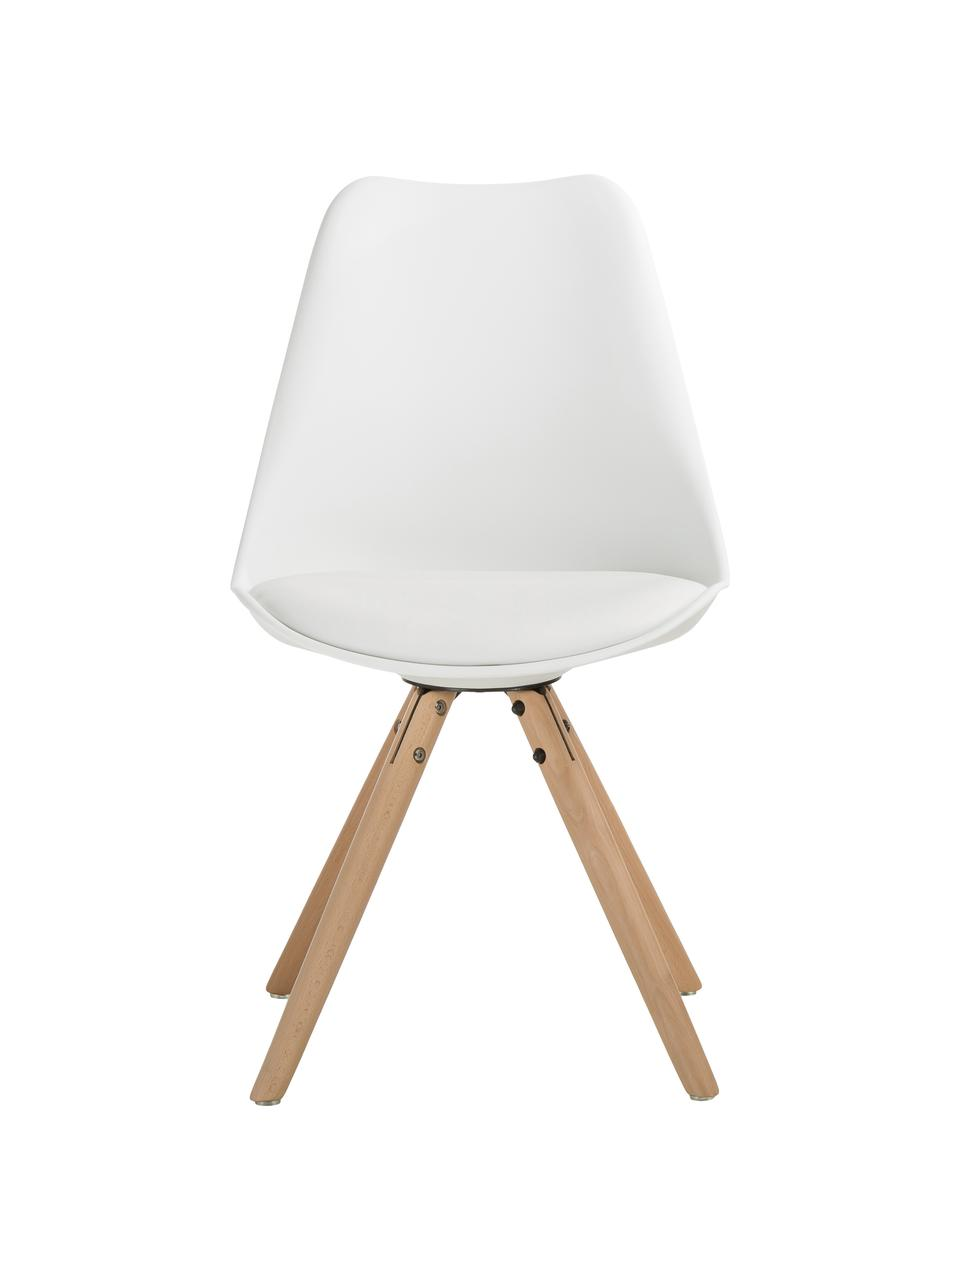 Krzesło Max, 2 szt., Nogi: drewno bukowe, Biały, S 46 x G 54 cm